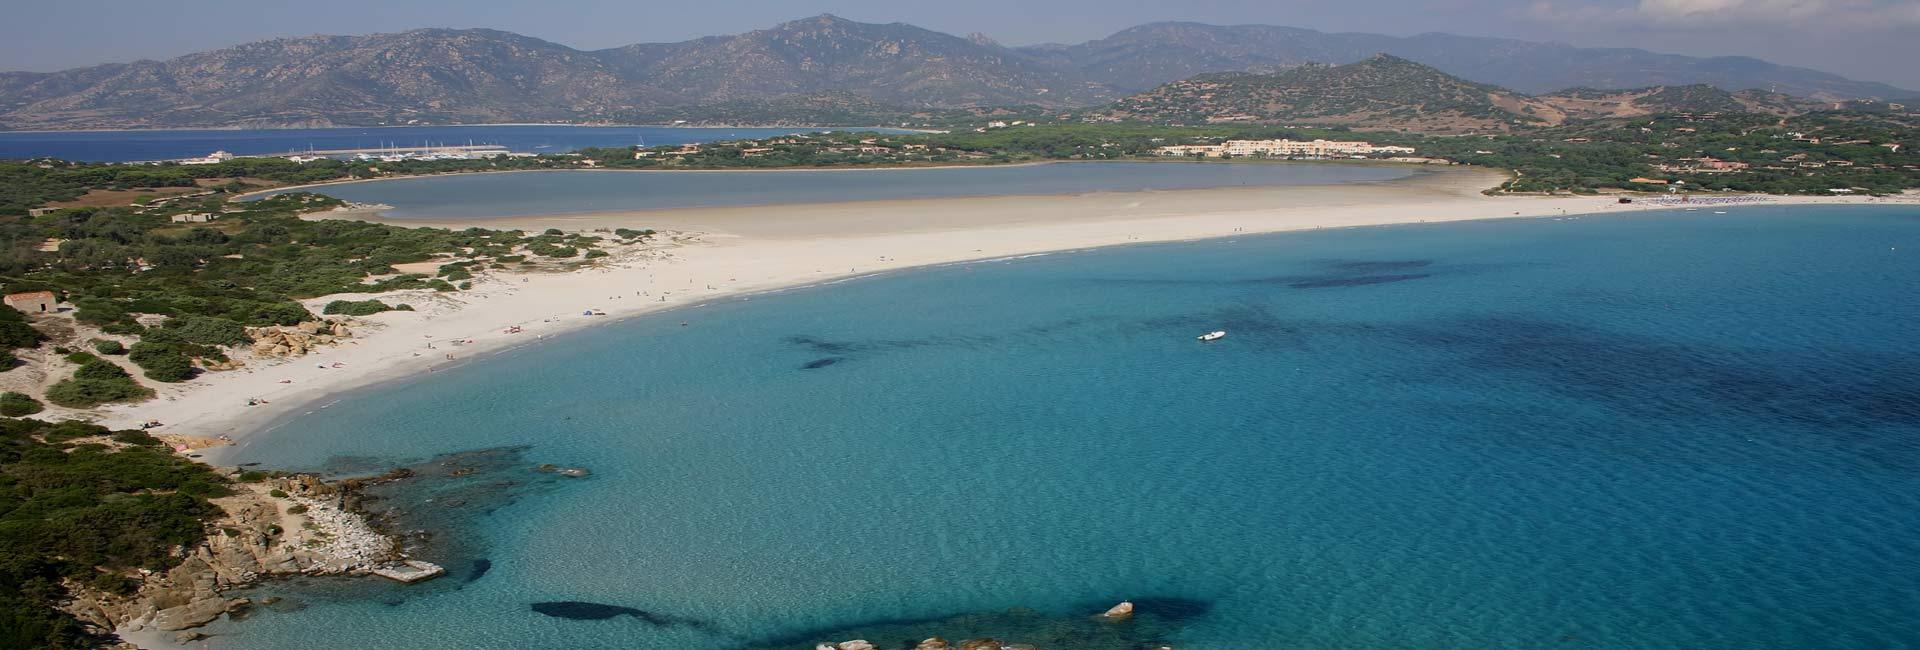 villasimius-spiaggia-panora